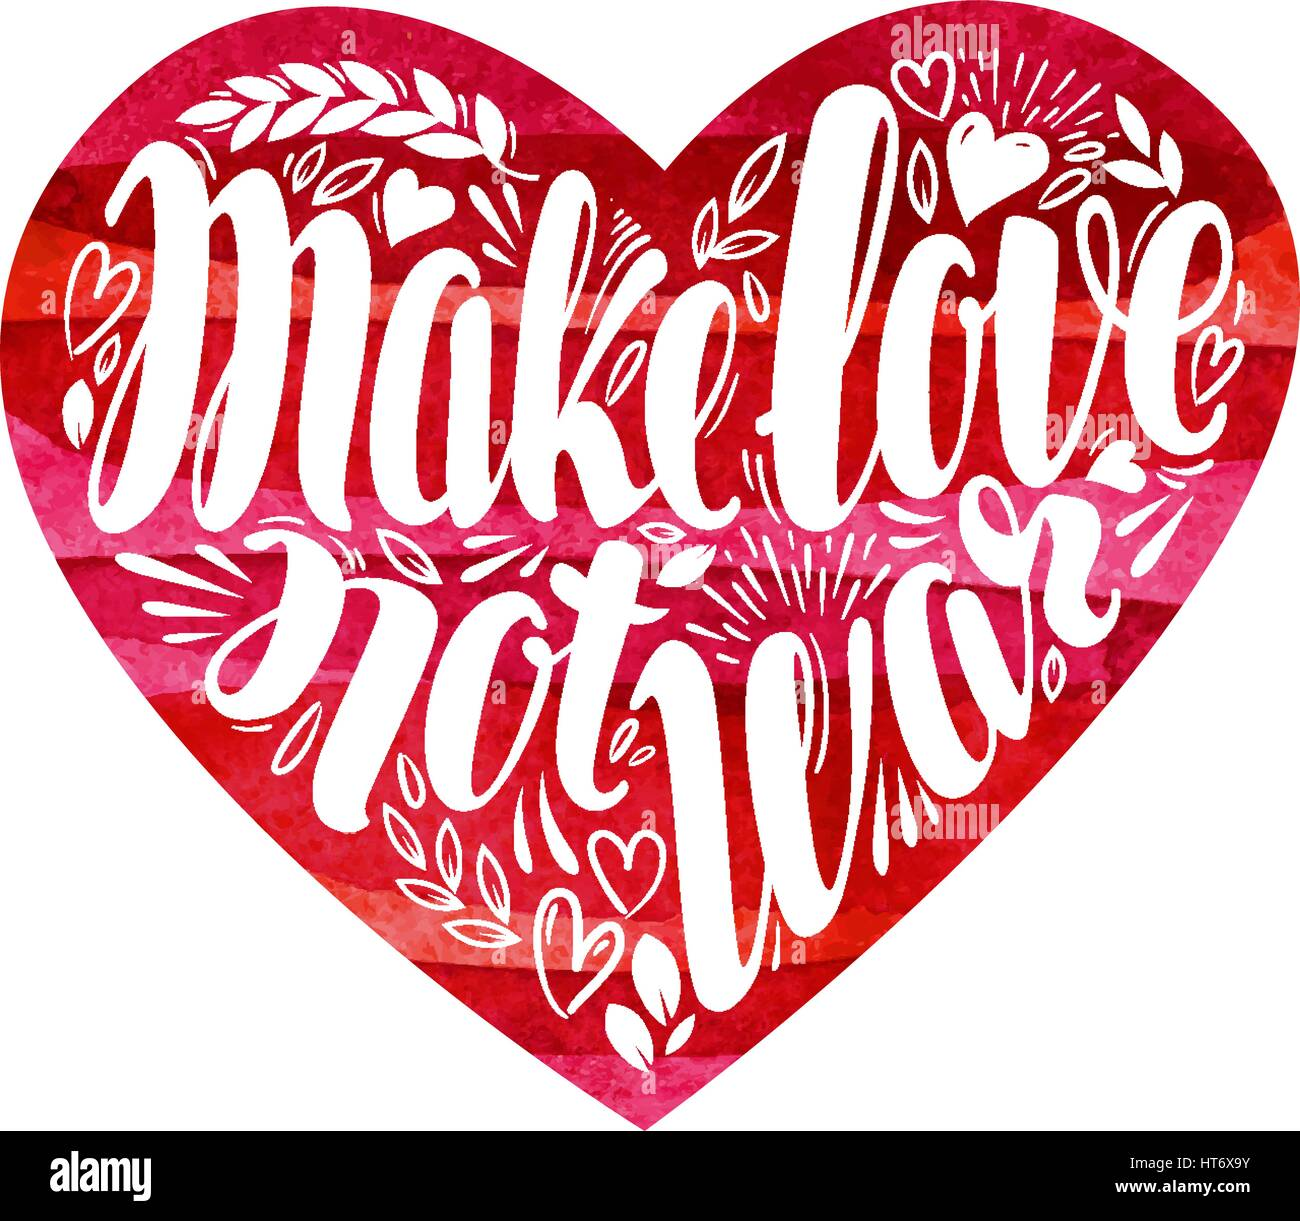 Faire l'amour pas la guerre, l'étiquette. Lettrage décoratif, calligraphie en forme de coeur. Photo Stock